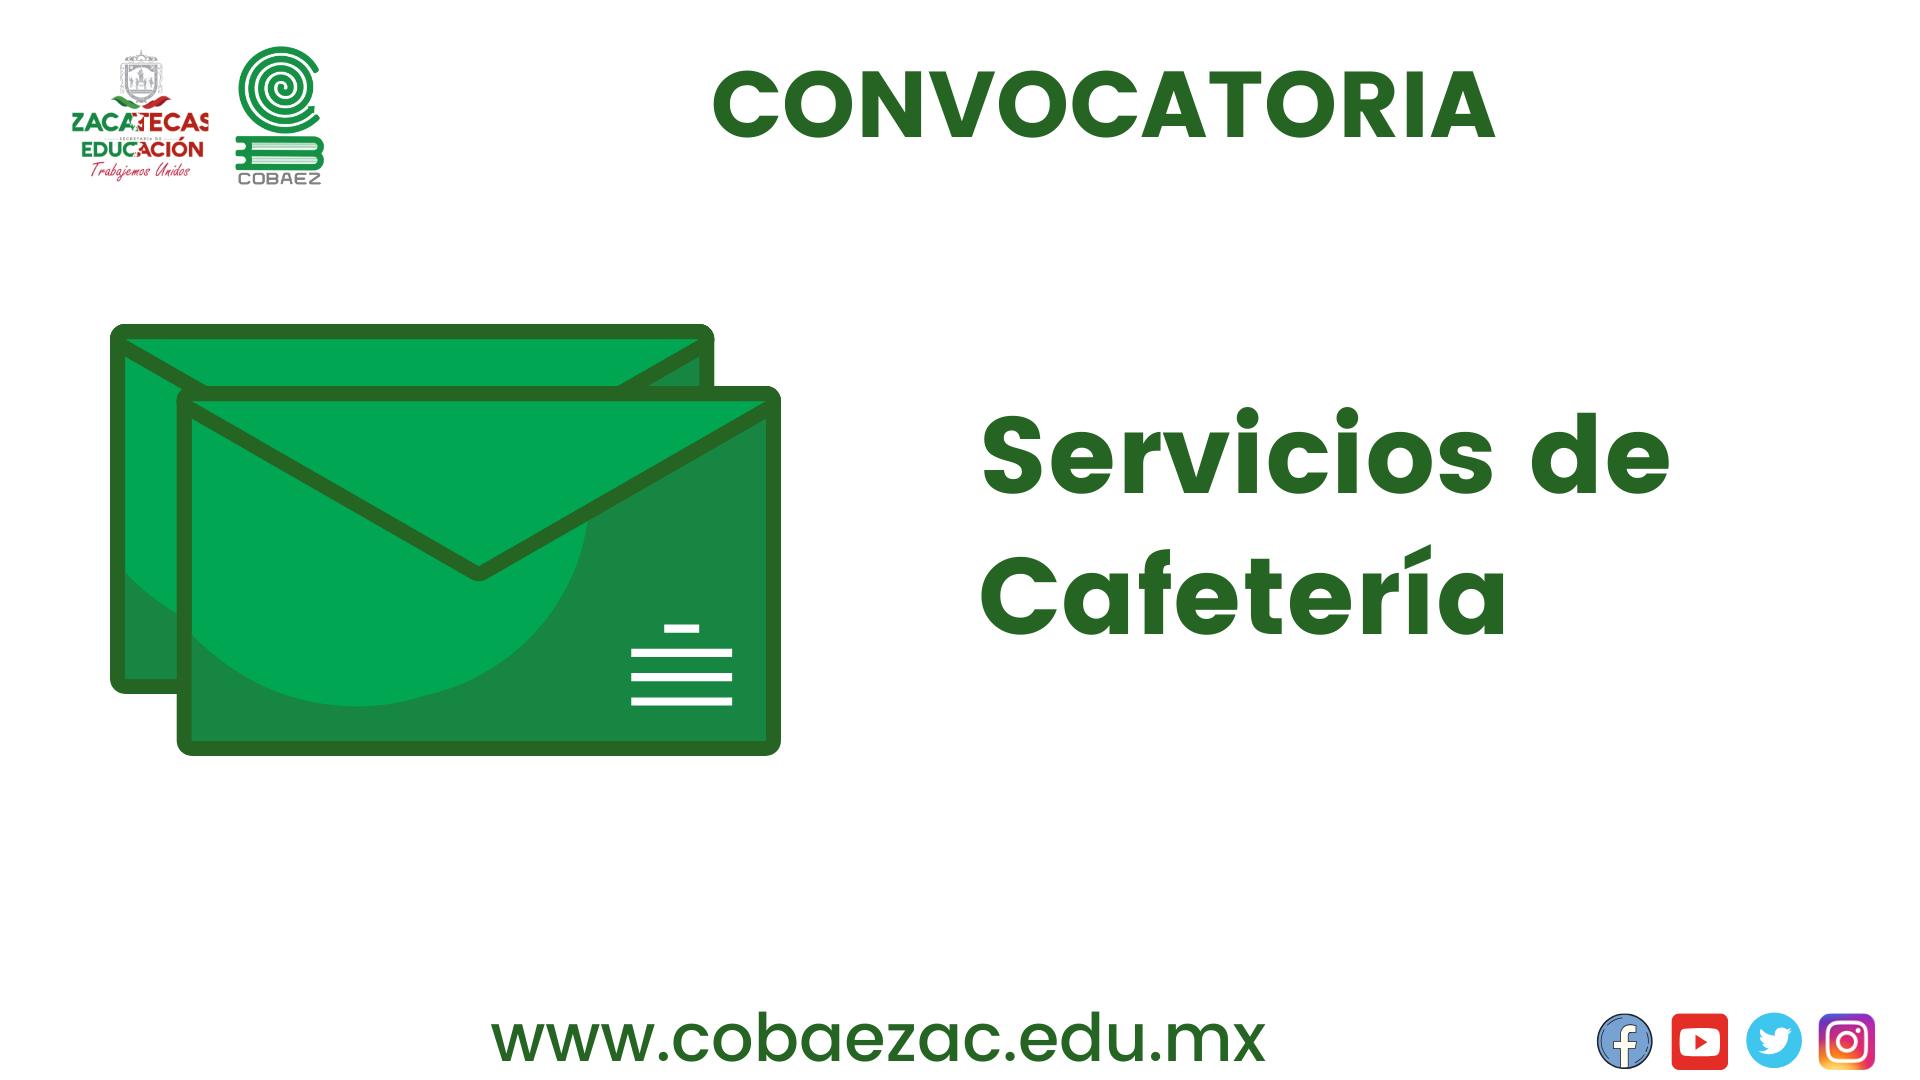 """Convocatoria """"Servicios de Cafetería"""""""